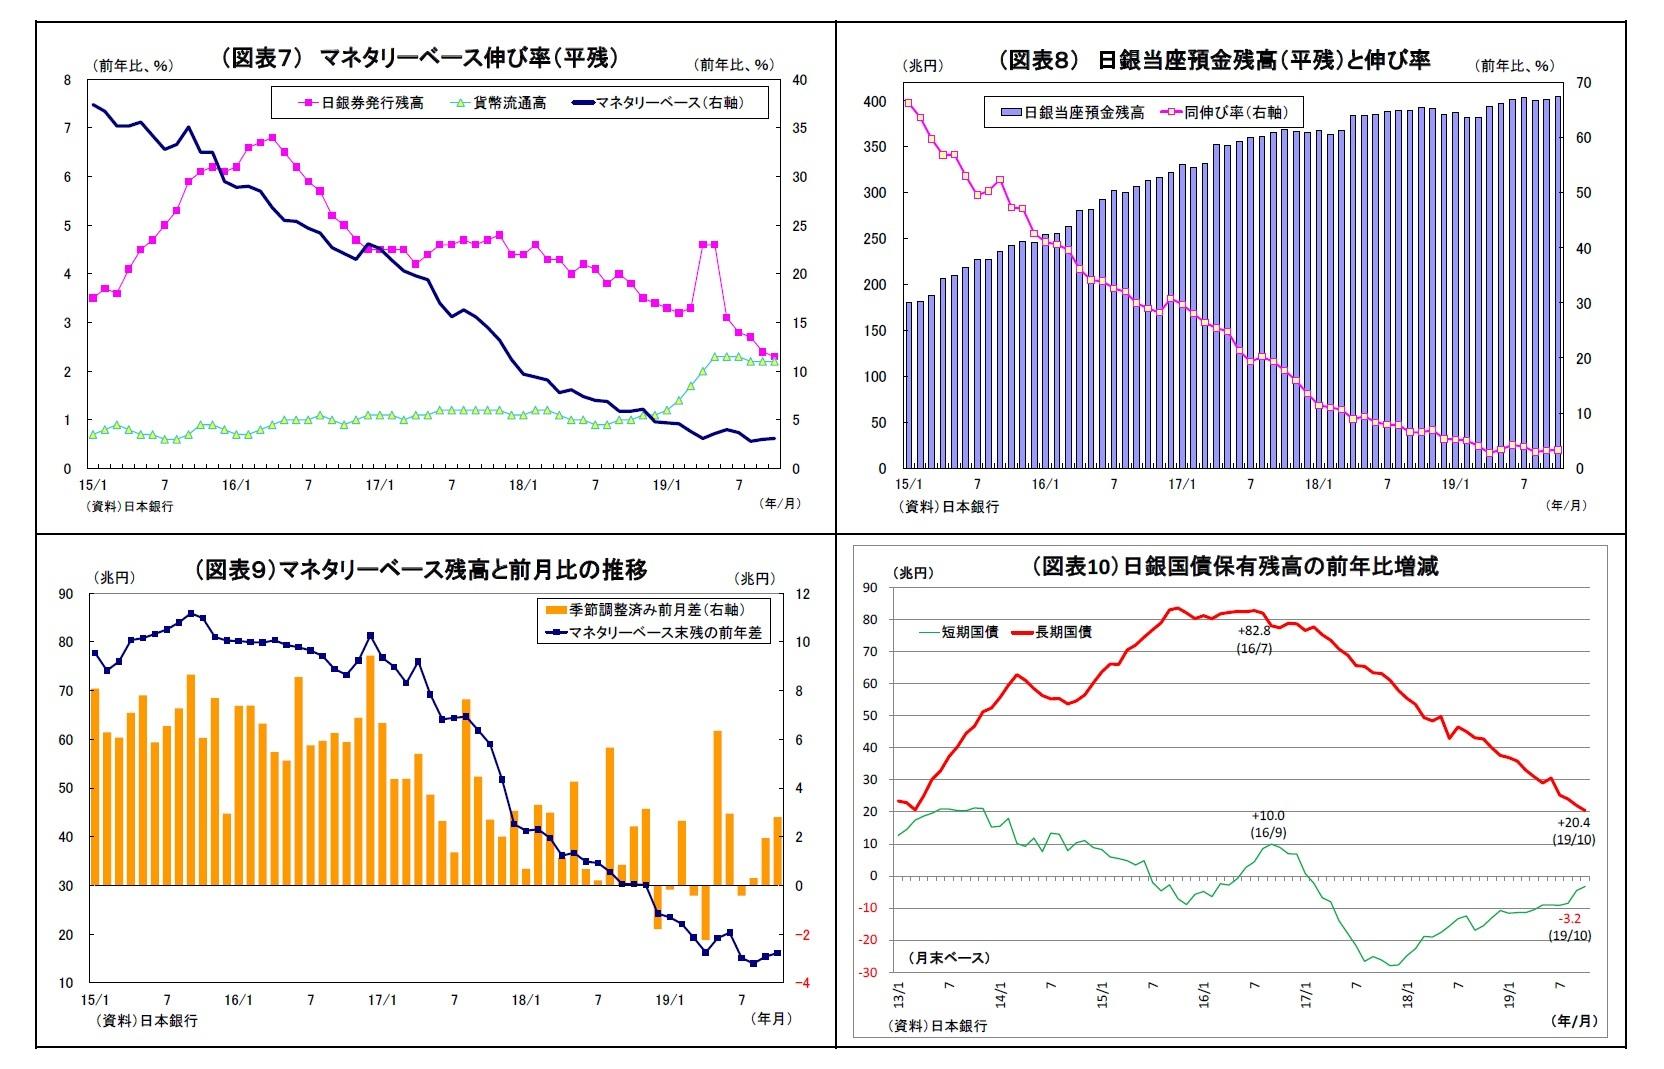 (図表7) マネタリーベース伸び率(平残)/(図表8) 日銀当座預金残高(平残)と伸び率/(図表9)マネタリーベース残高と前月比の推移/(図表10)日銀国債保有残高の前年比増減